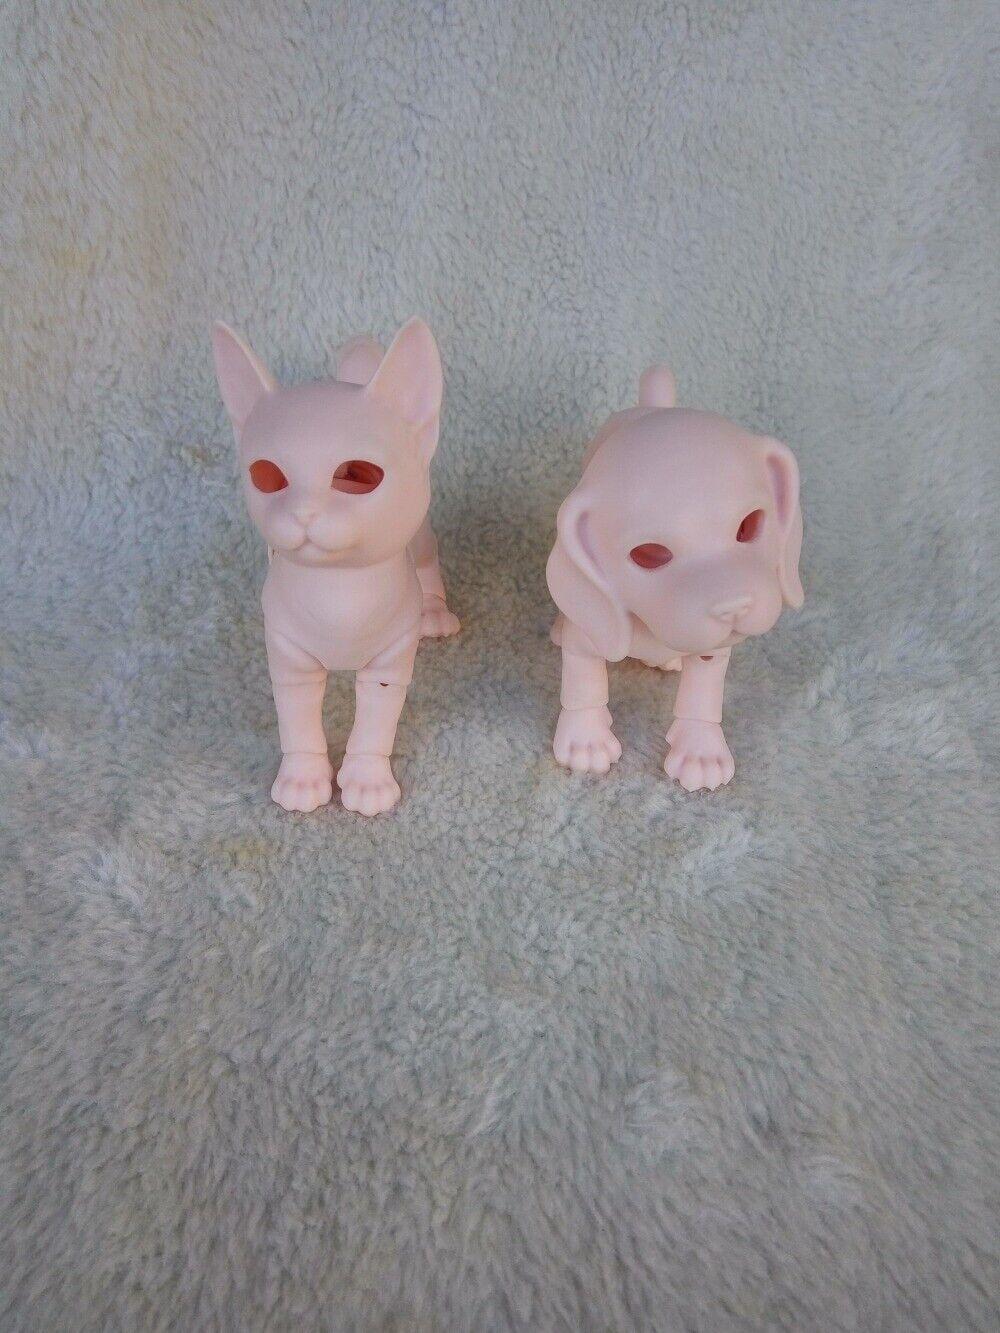 alta qualità Muñeca Muñeca Muñeca perro gato recast BJD- cute kittens e puppy high quality giocattoli for sale  colorways incredibili